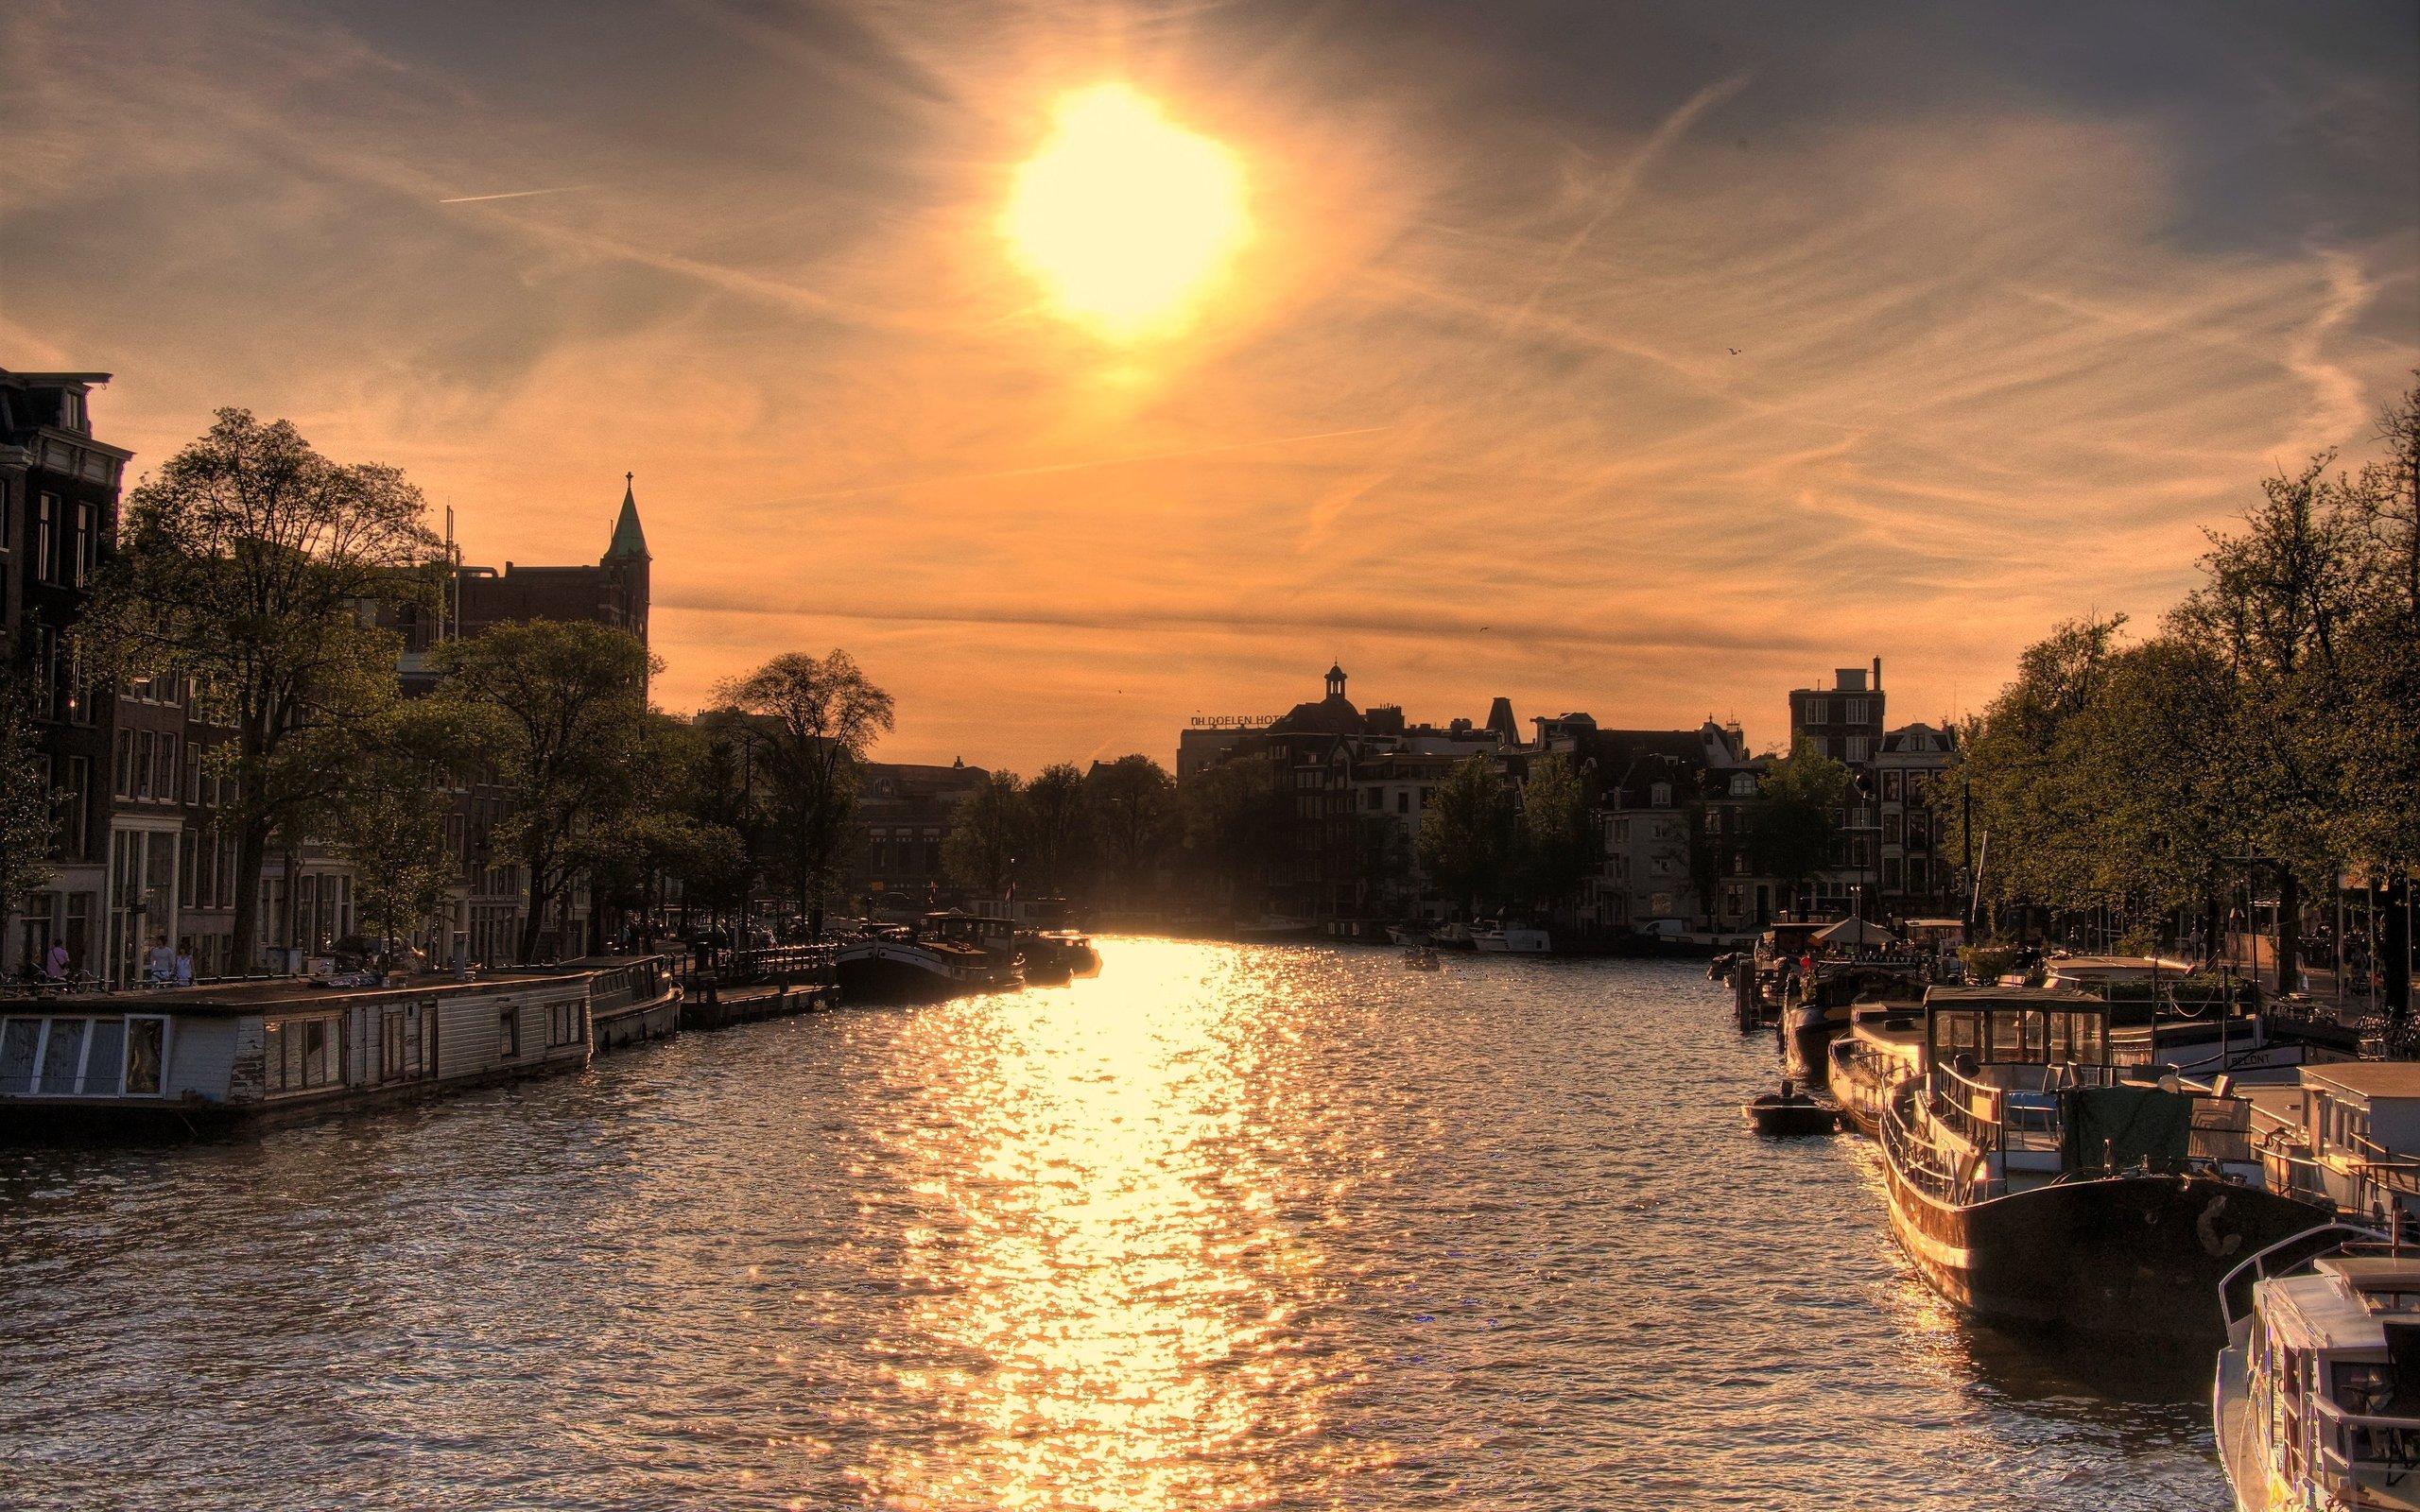 amazing pictures of amterdam